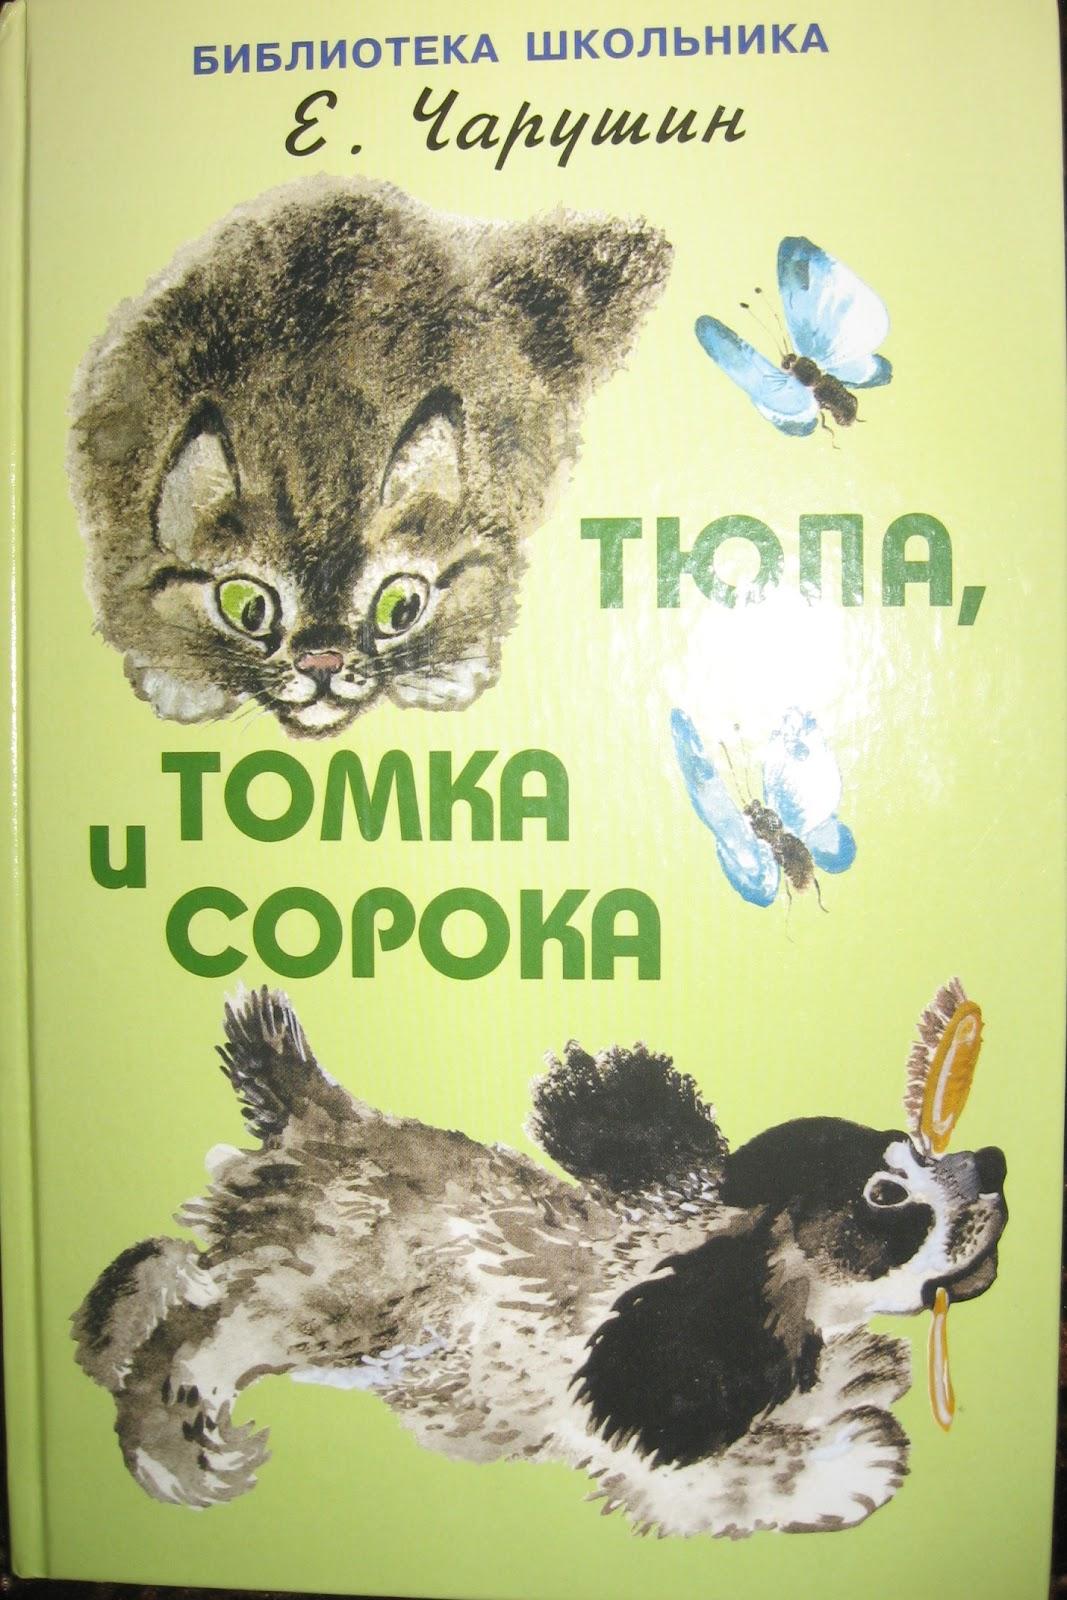 Еичарушин рассказы о в книгу вошли рассказы о животных русского п